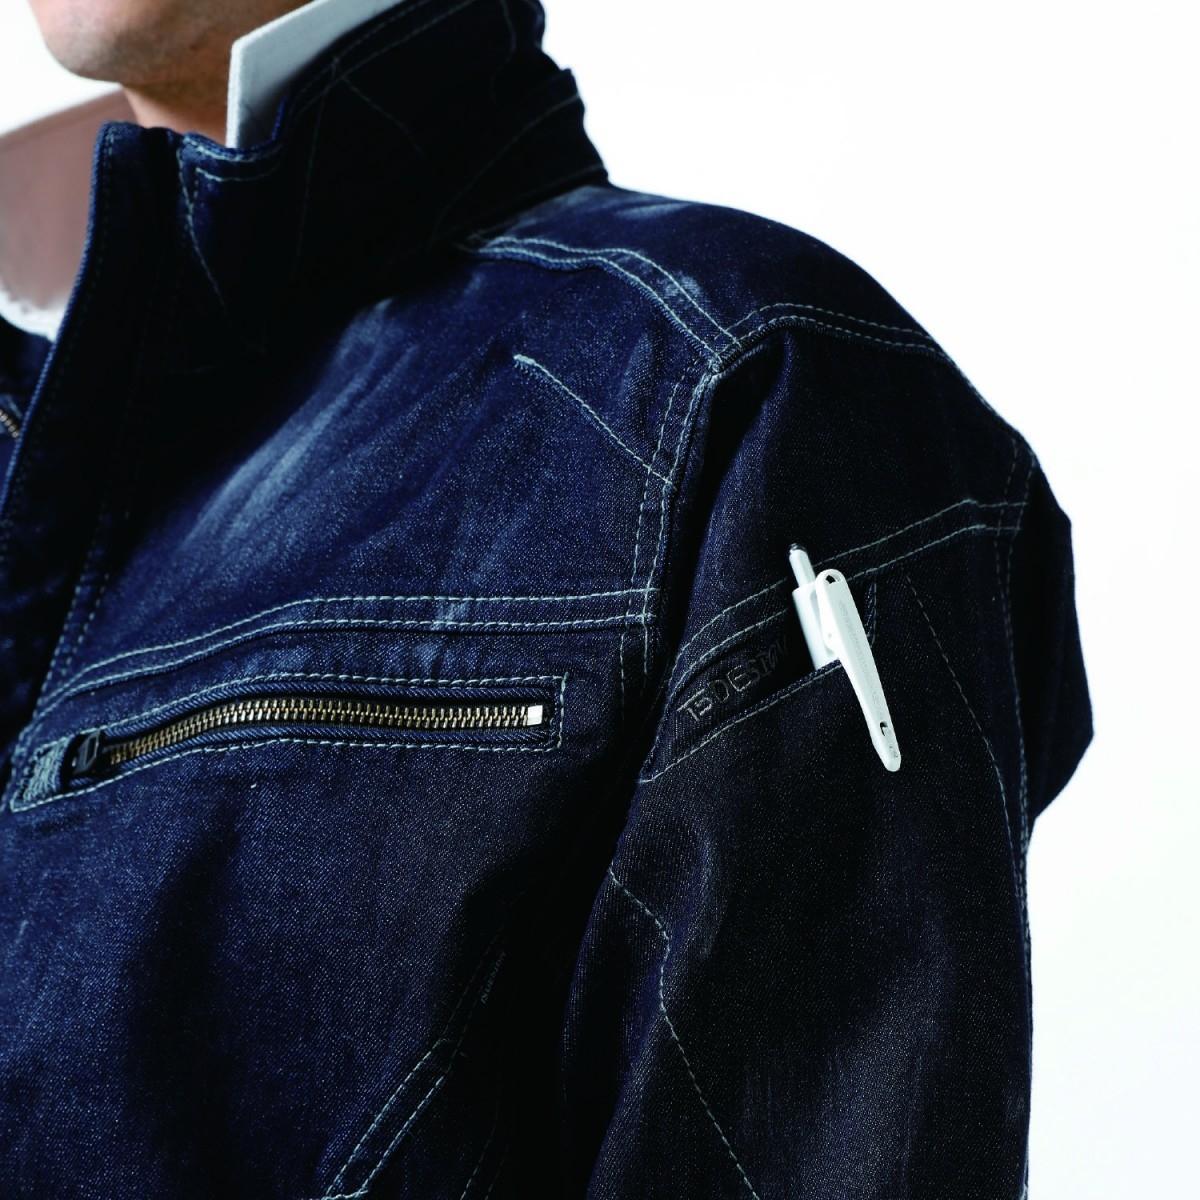 TS DESIGN 5116 ジャケット ¥4,950(税込)左腕のマルチポケット。スマホ対応の便利なポケットです。